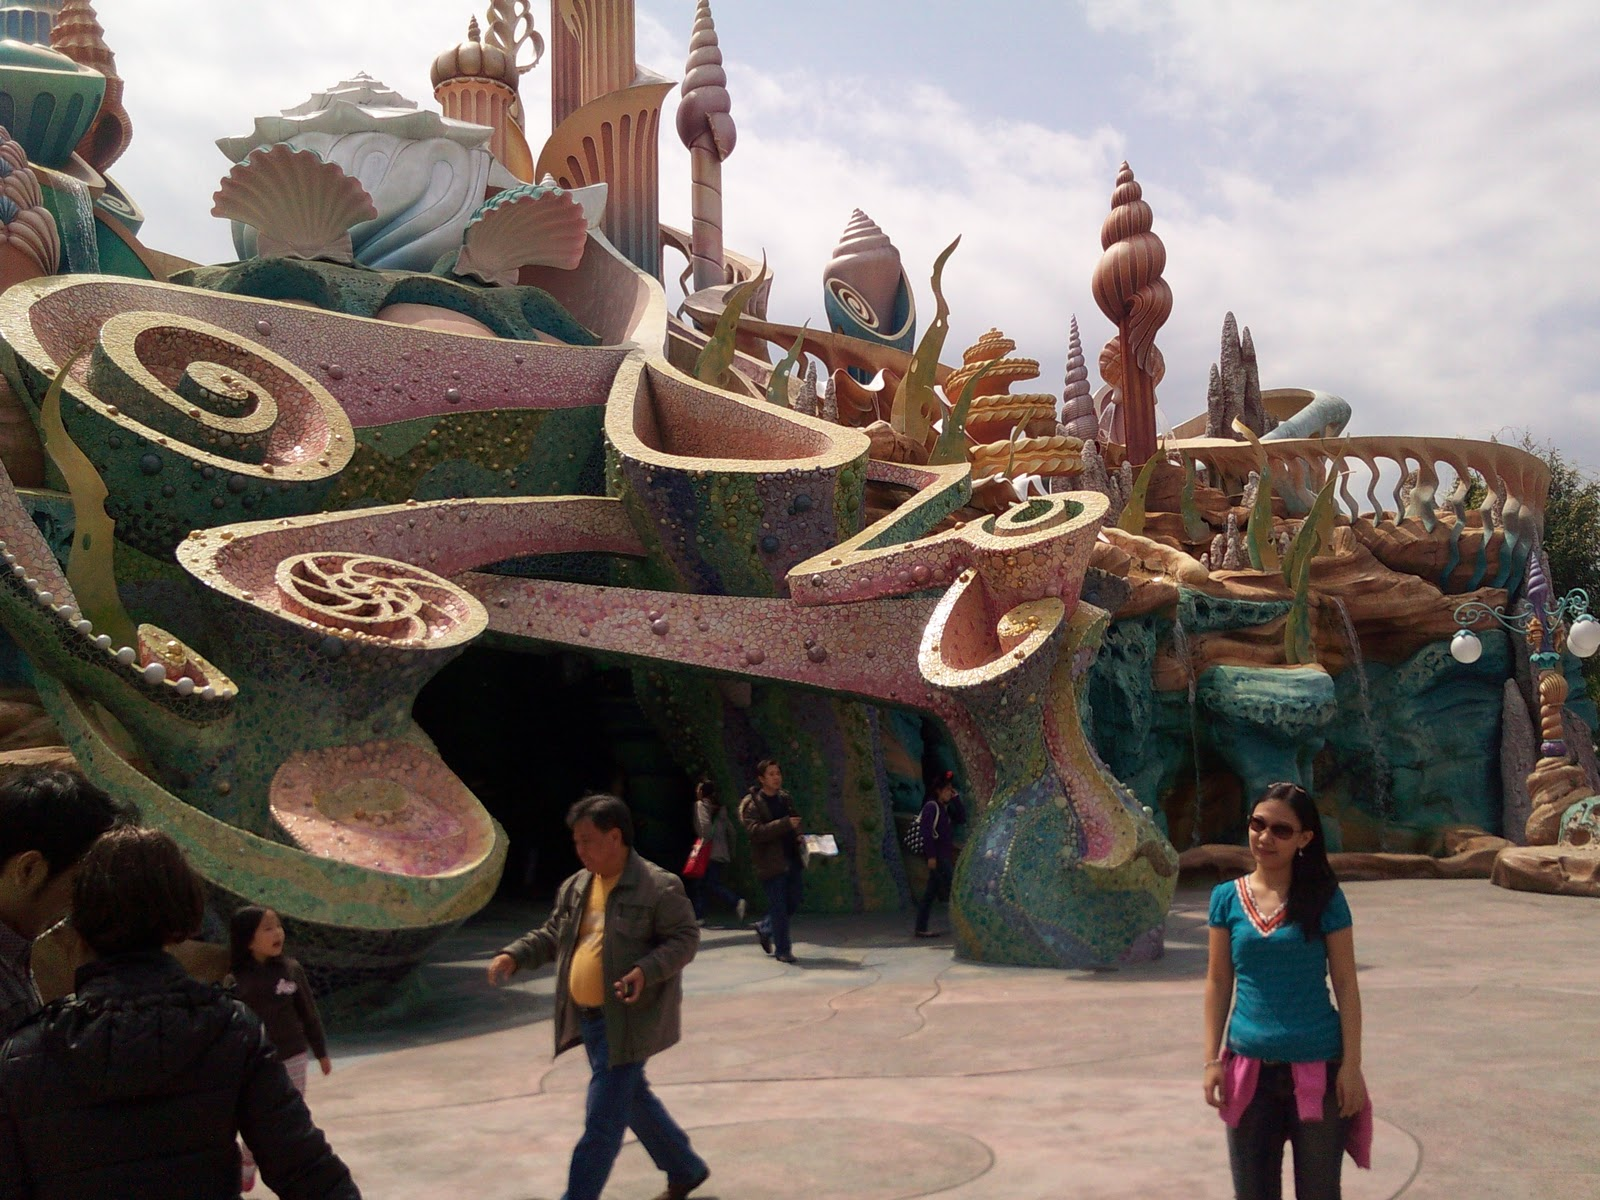 Tokyo Disneysea Mermaid Lagoon